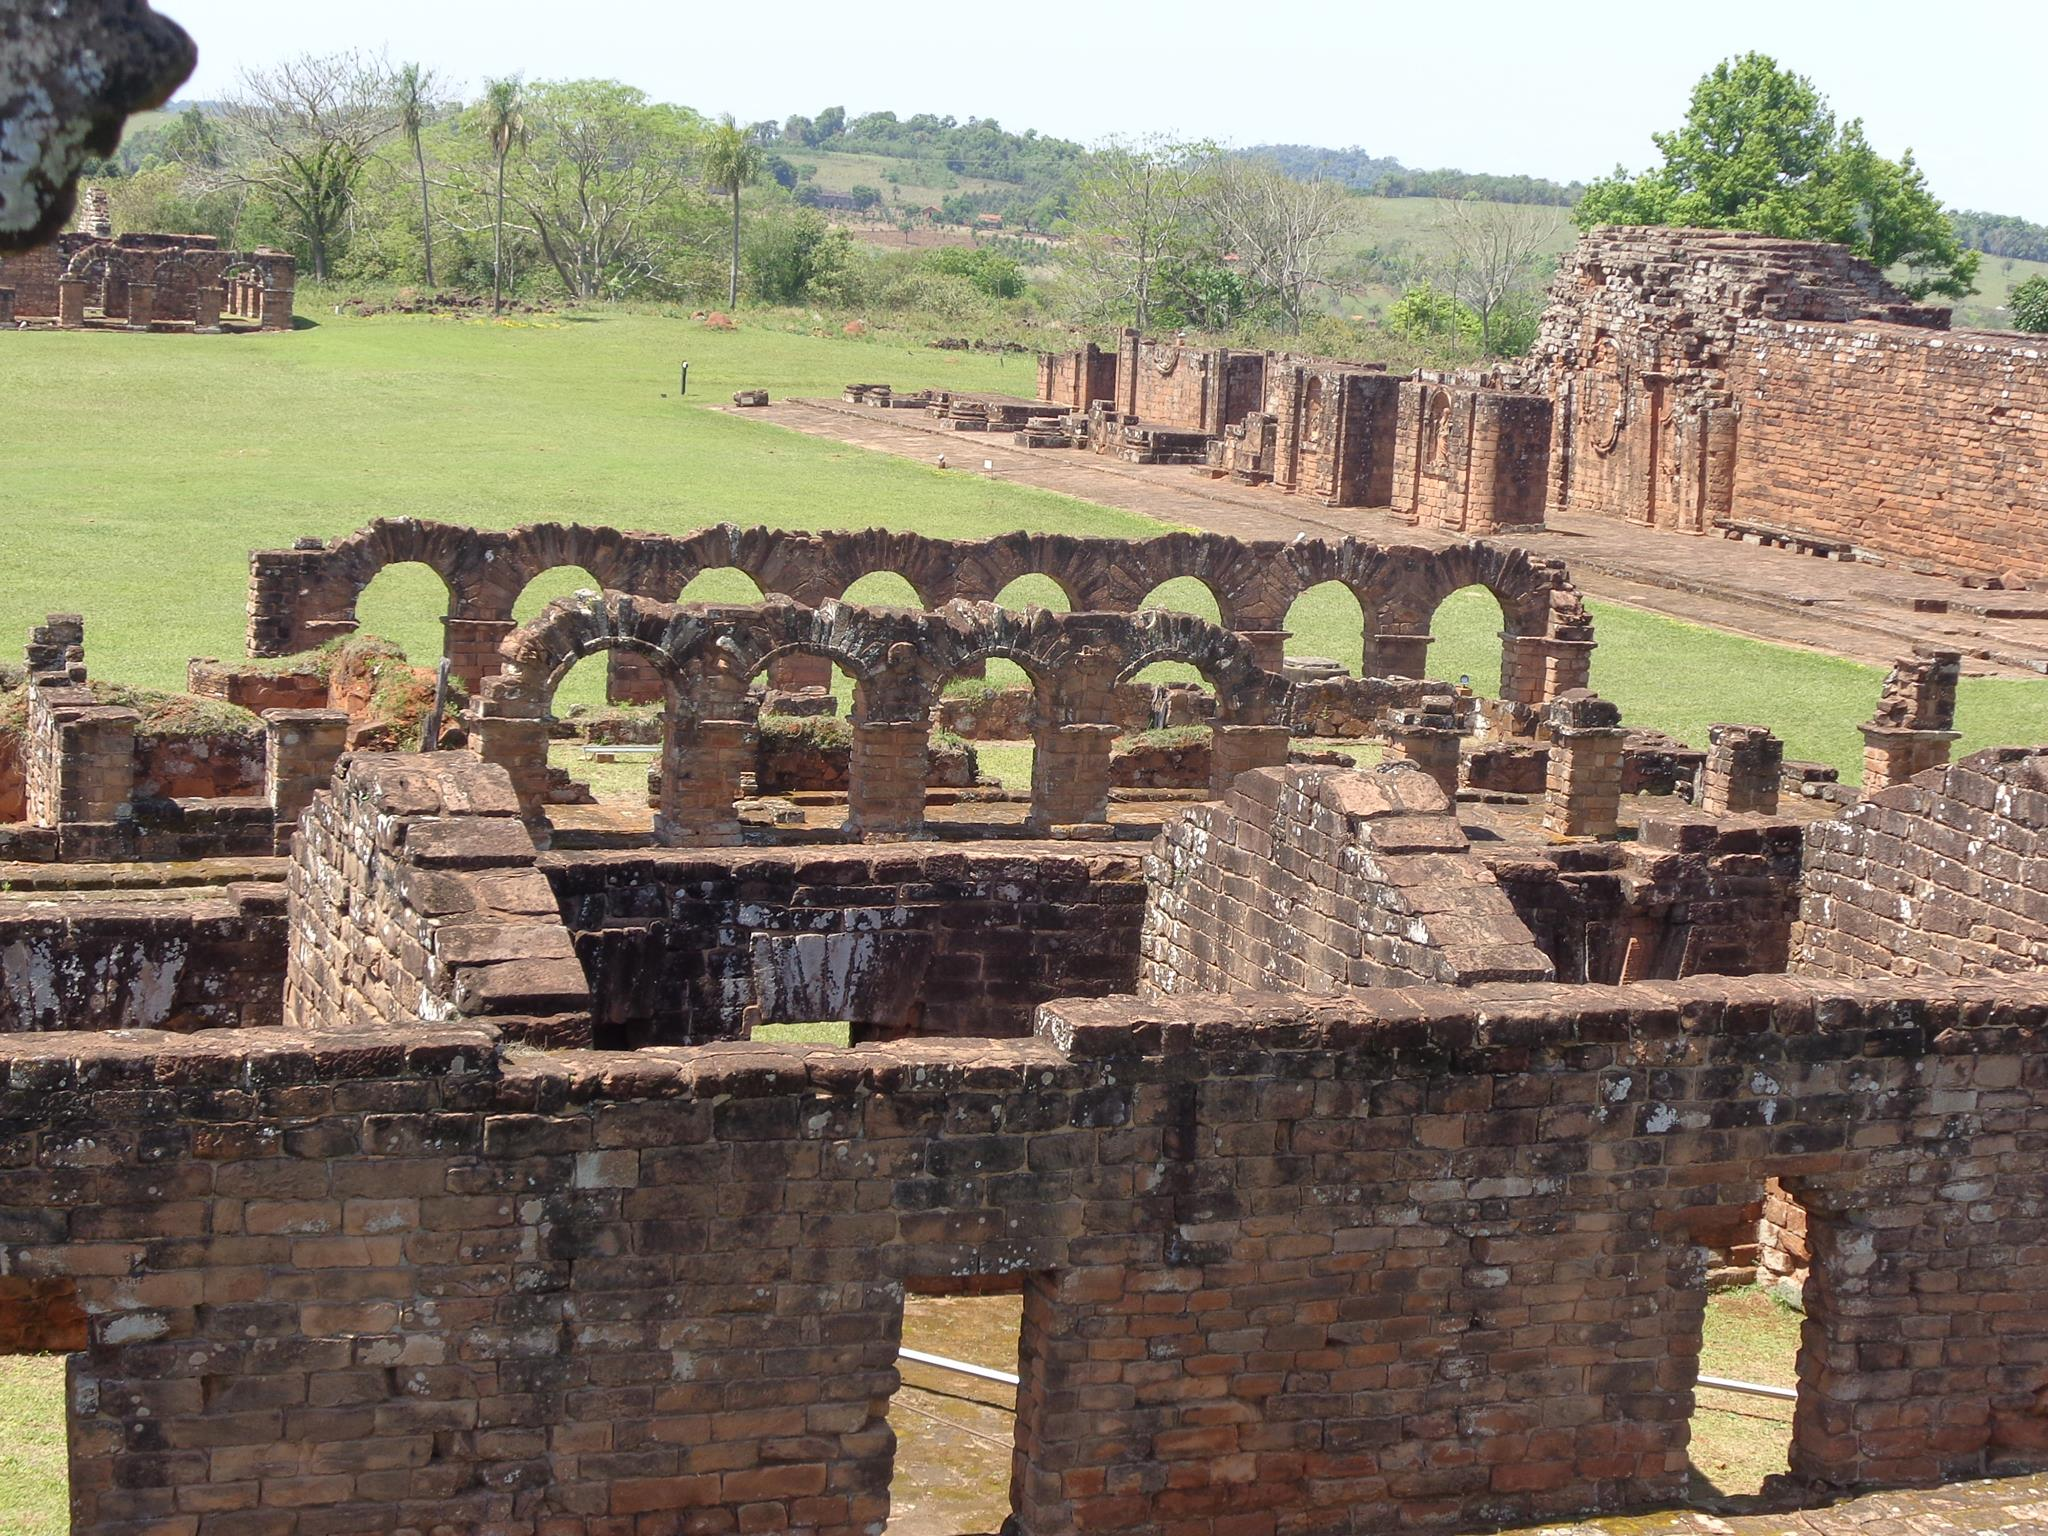 パラグアイで唯一の世界遺産『トリニダー遺跡』